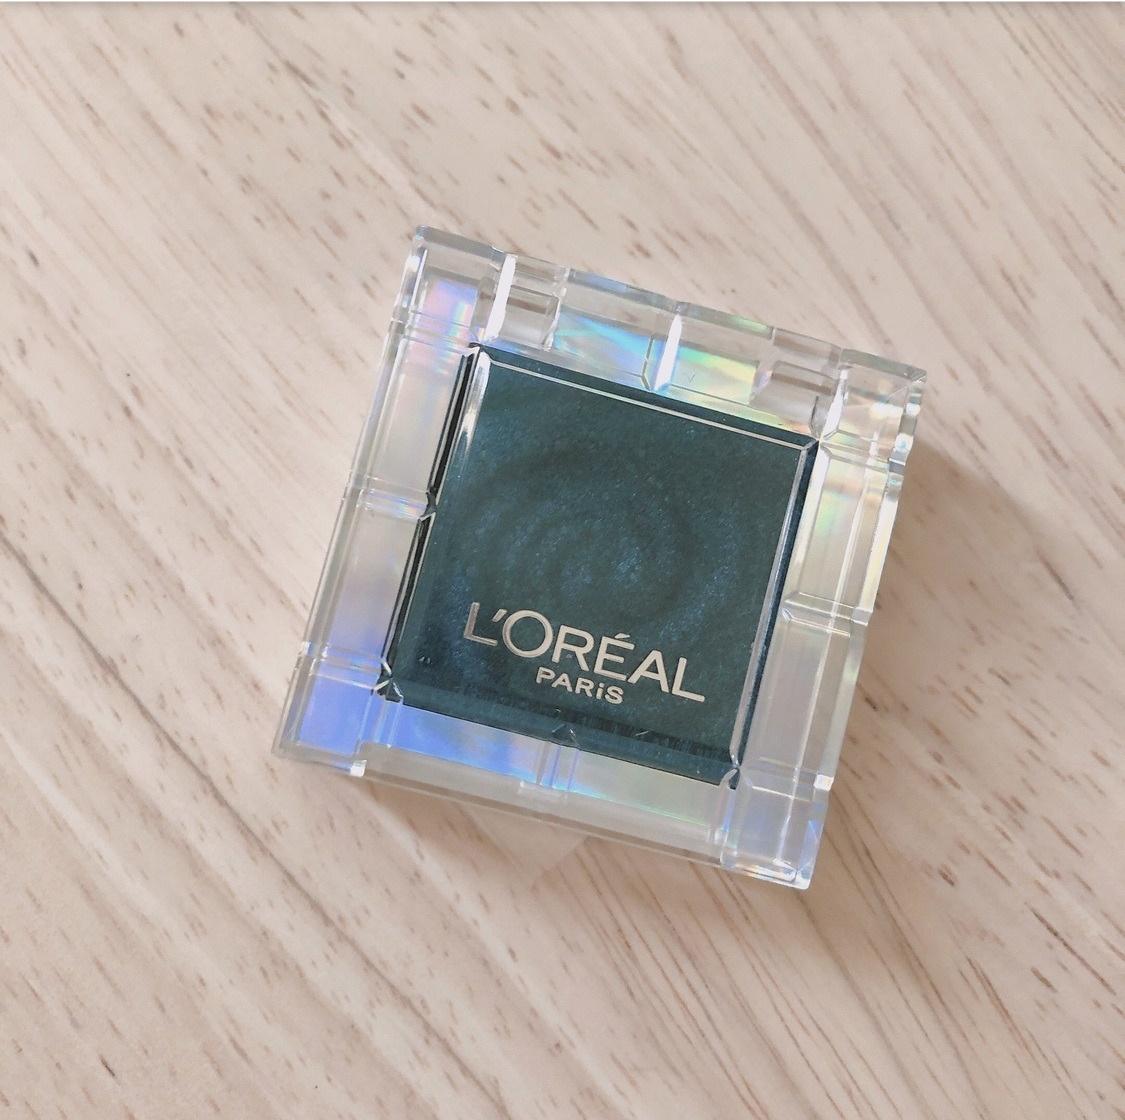 L'ORÉAL PARIS(ロレアル パリ)カラークイーン オイルシャドウ アイシャドウを使ったみーさん¨̮⸝⋆さんのクチコミ画像